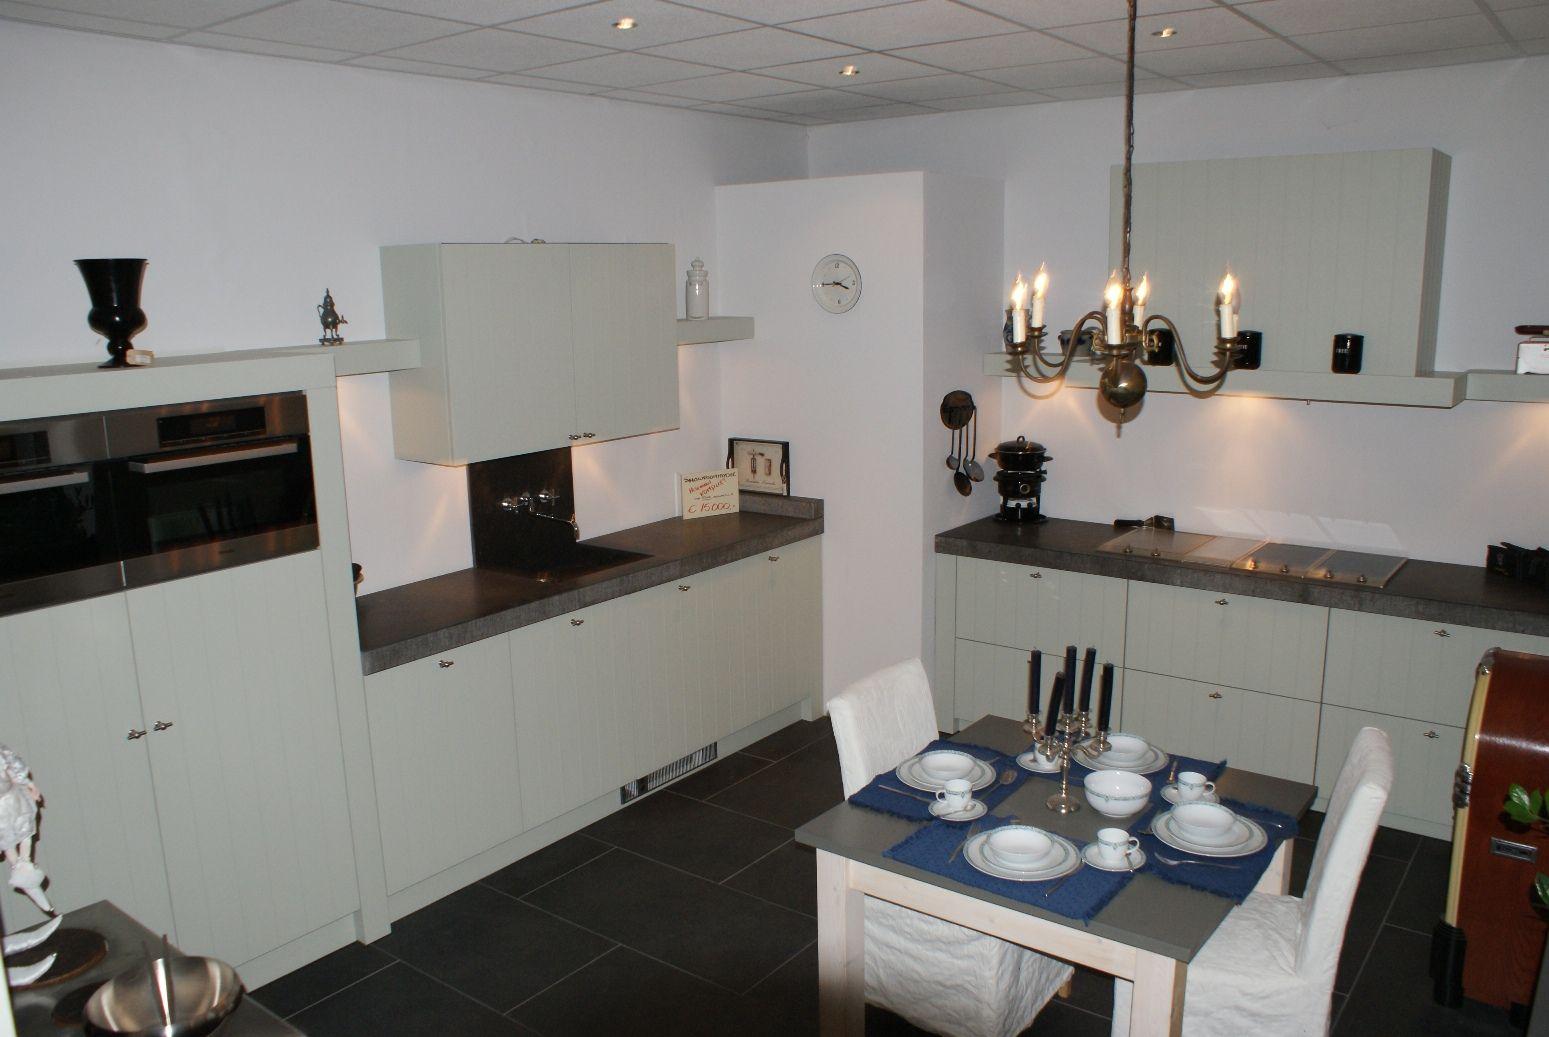 ... keukens voor zeer lage keuken prijzen Luxe gelakte keuken [26647